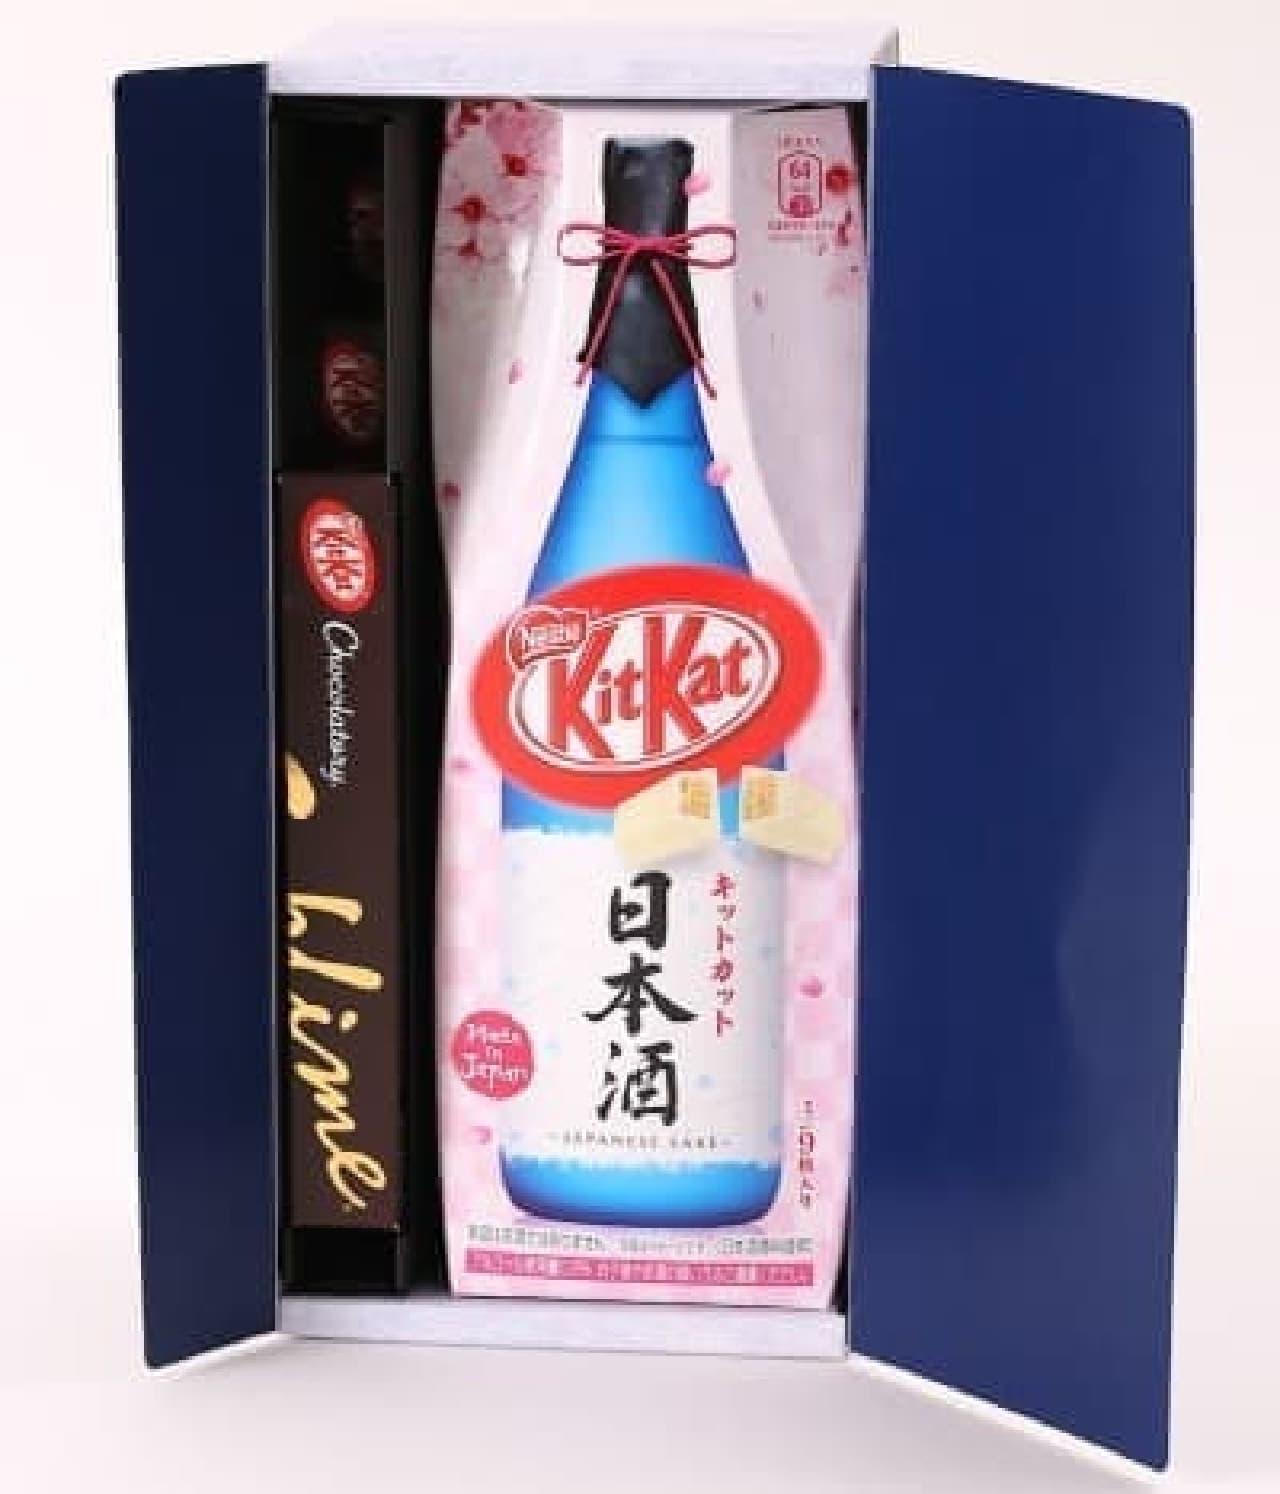 ネスレ日本「キットカット お酒とビターなチョコセット」